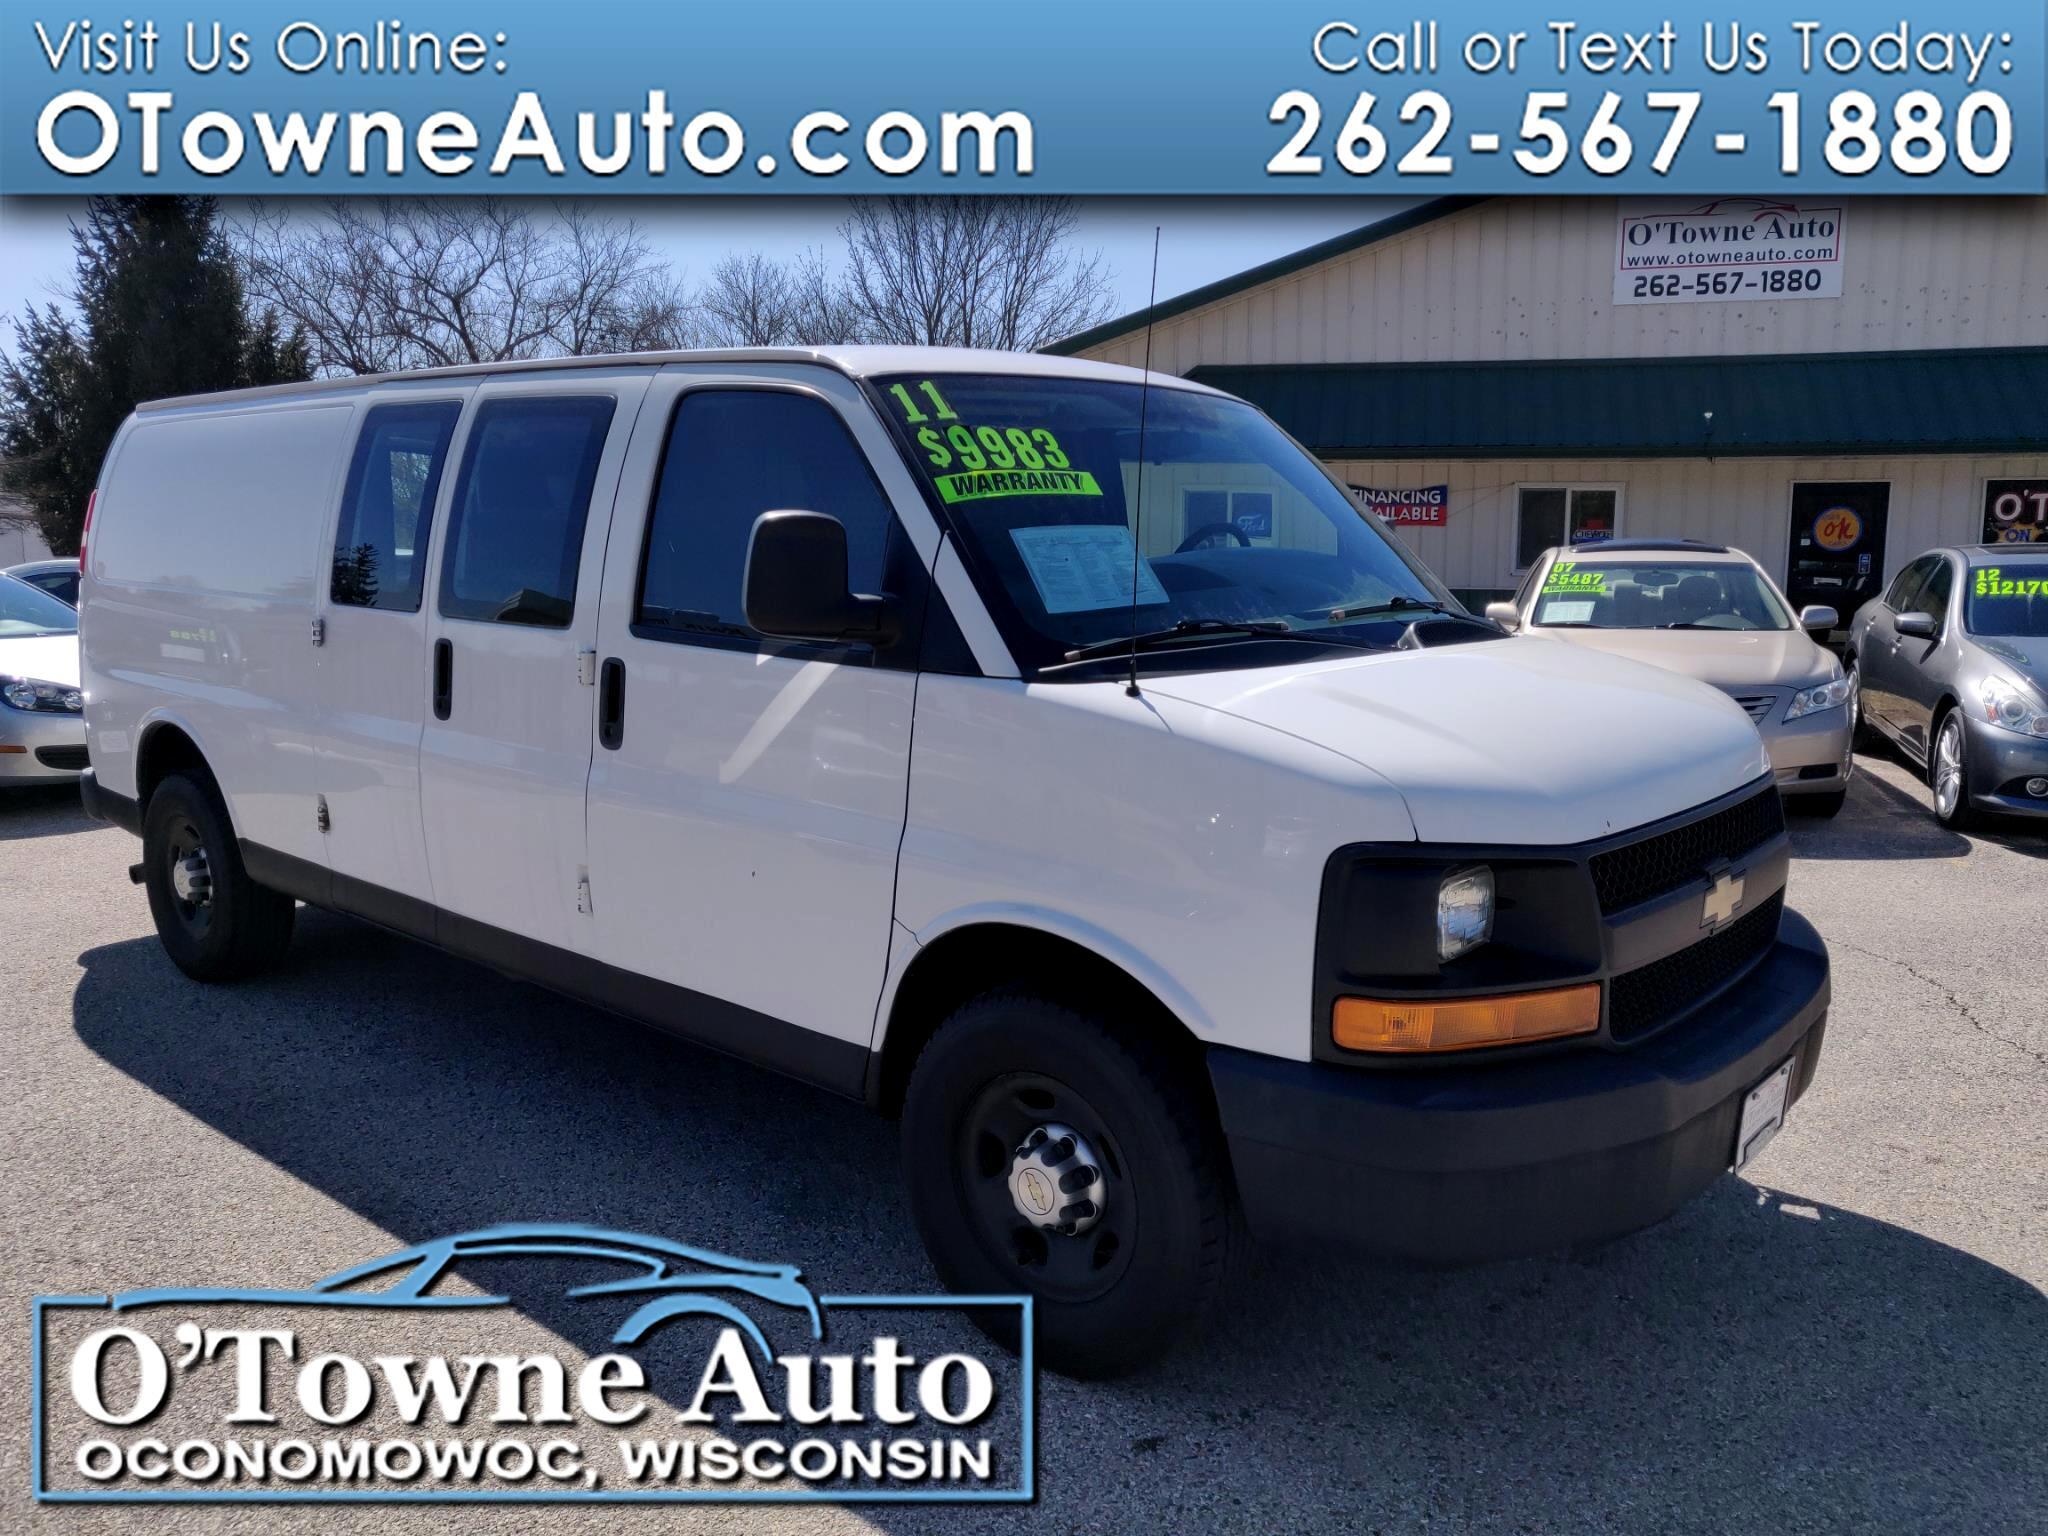 2011 Chevrolet Express Cargo Van RWD 3500 155